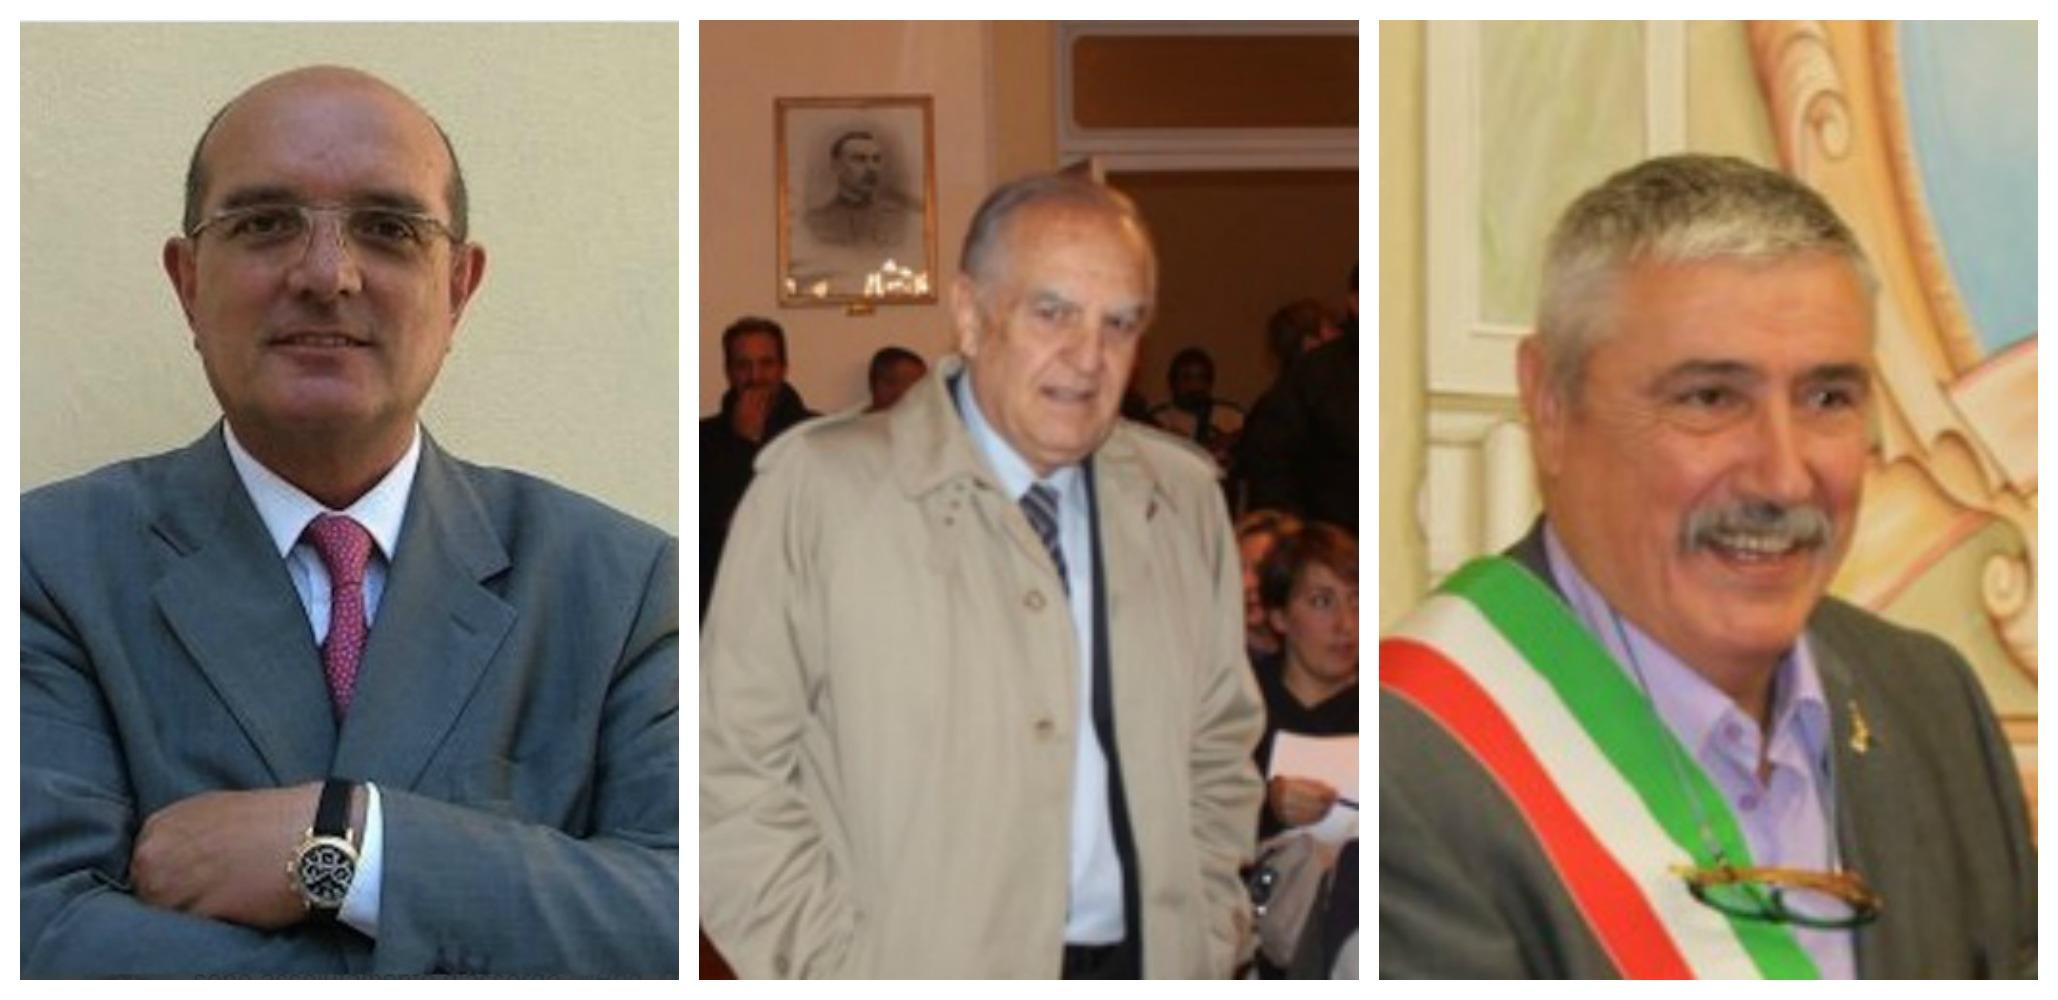 Da sinista: Amercio Pilati, Enzo Amabile e Giacomo Chiappori